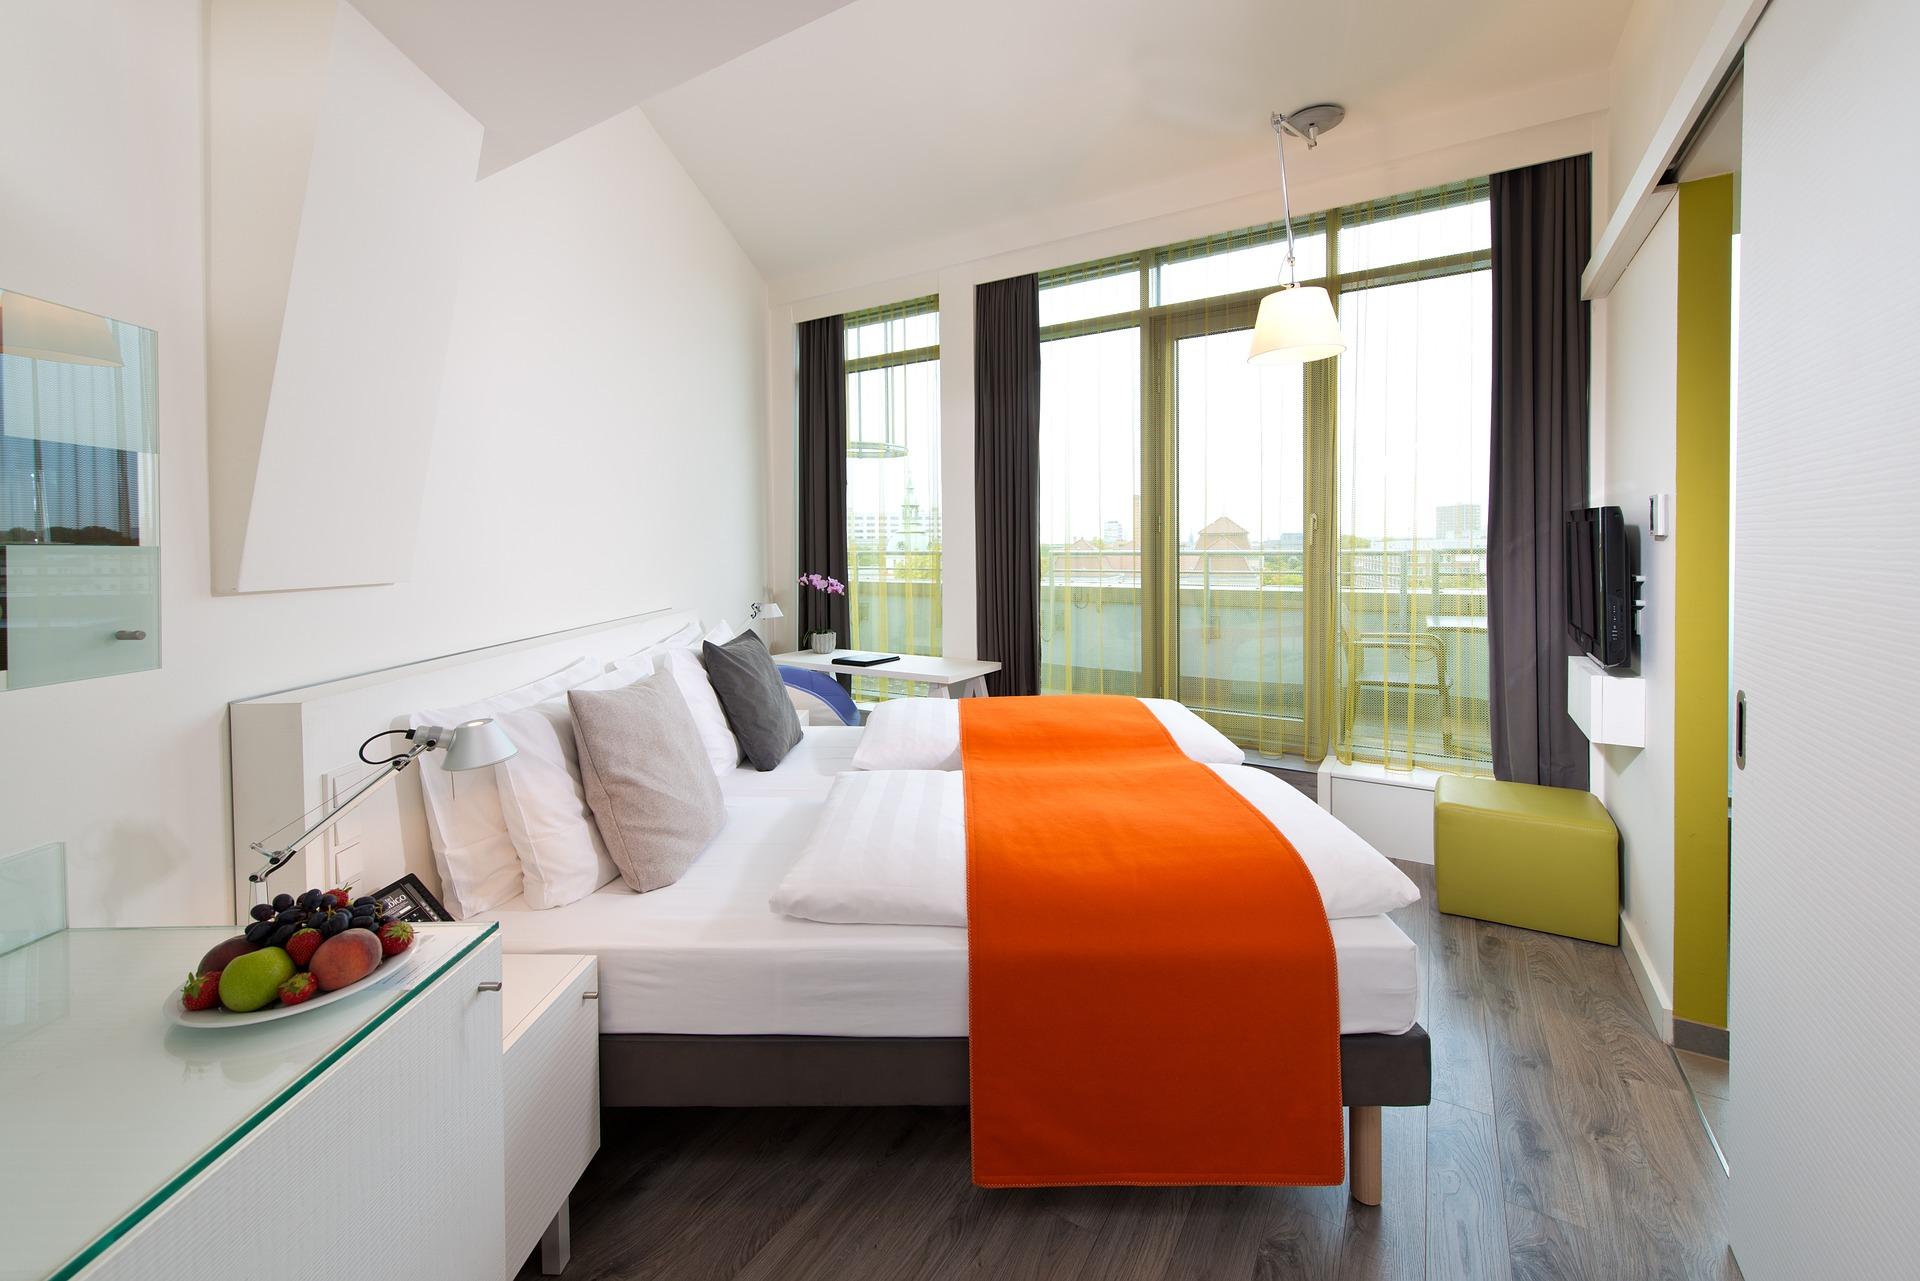 Bonus Hotel – credito d'impresa per digitalizzare la tua attività